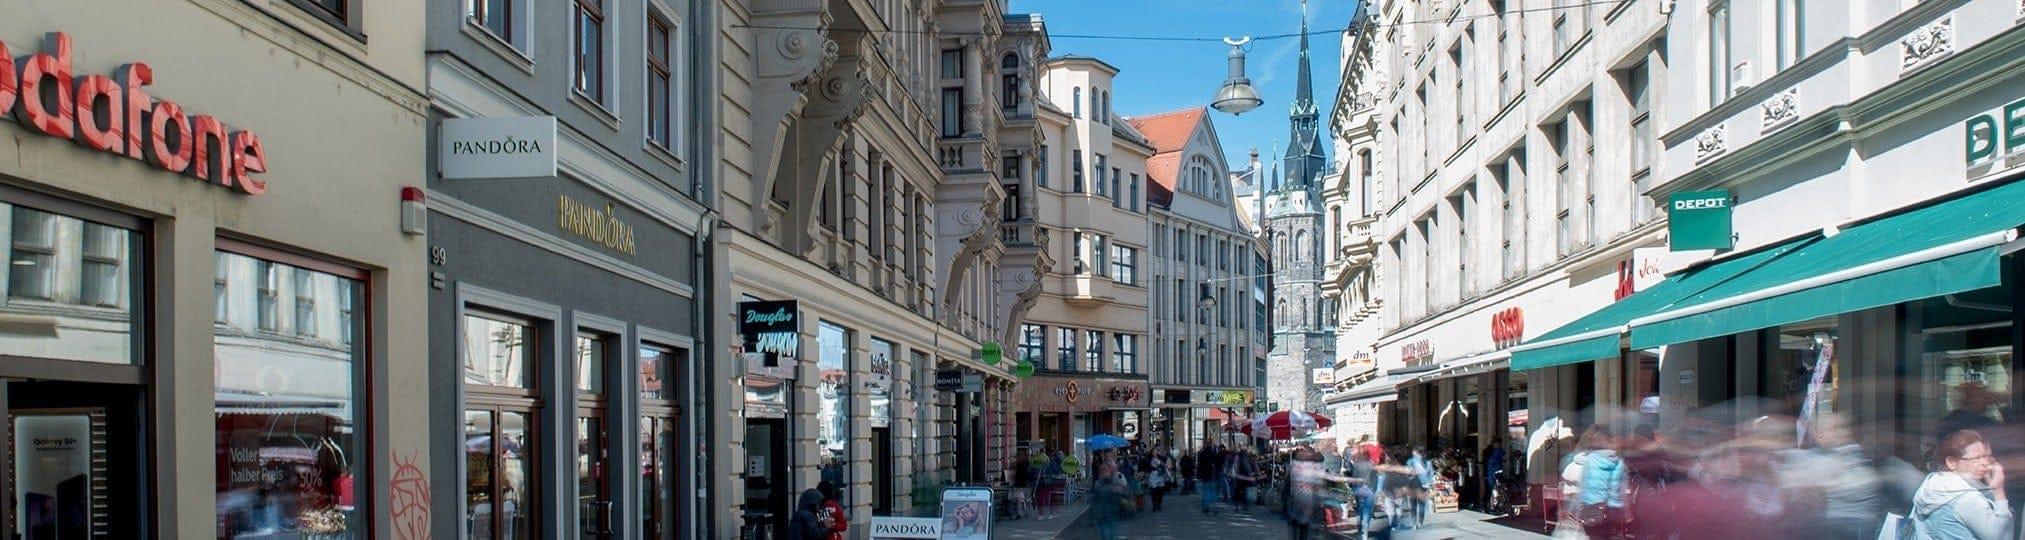 Stadtgeschehen in der Einkaufsmeile